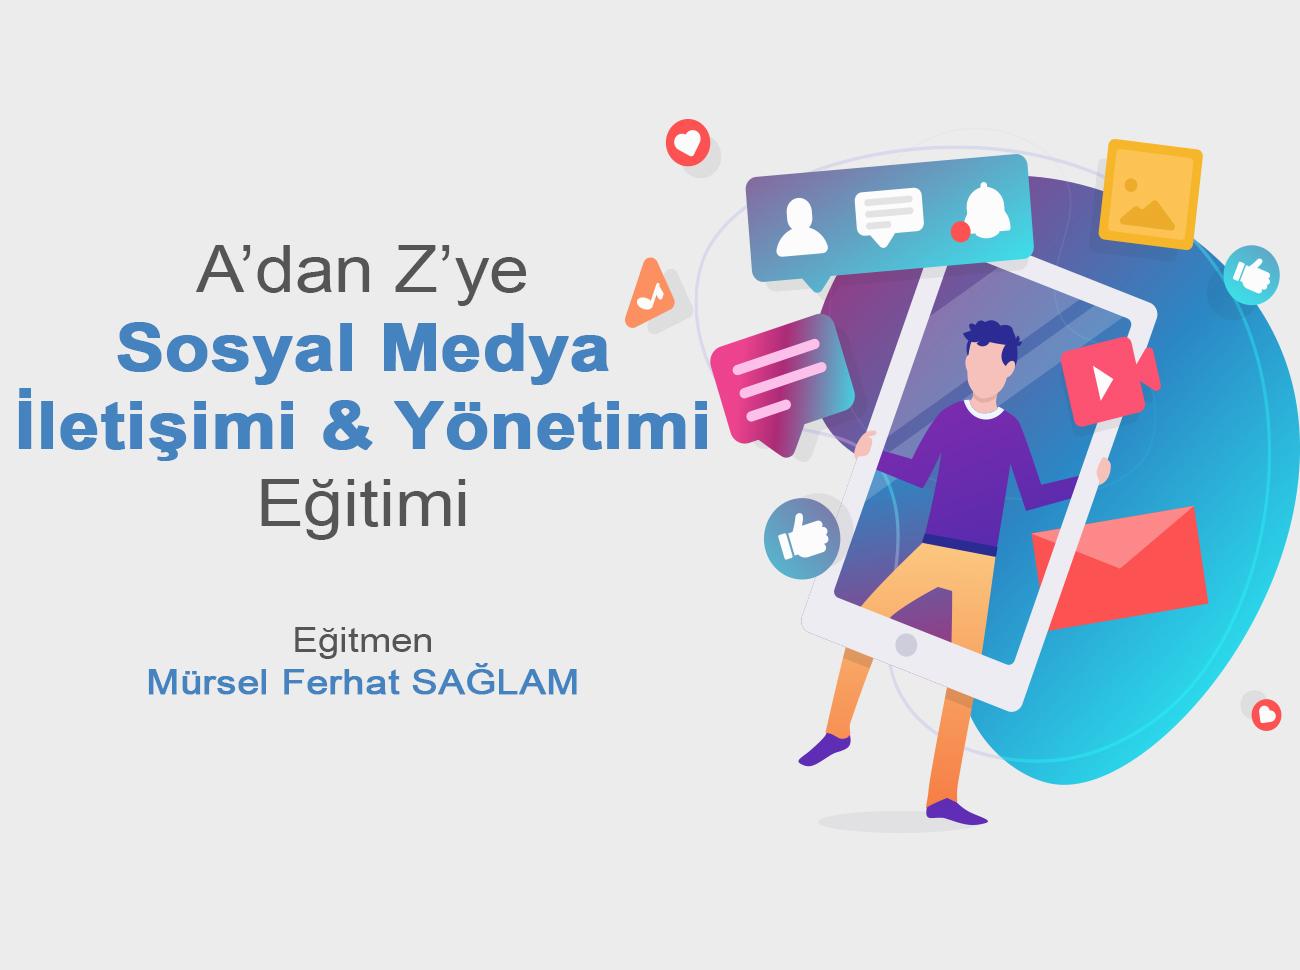 Sosyal Medya İletişimi Ve Yönetimi Eğitimi